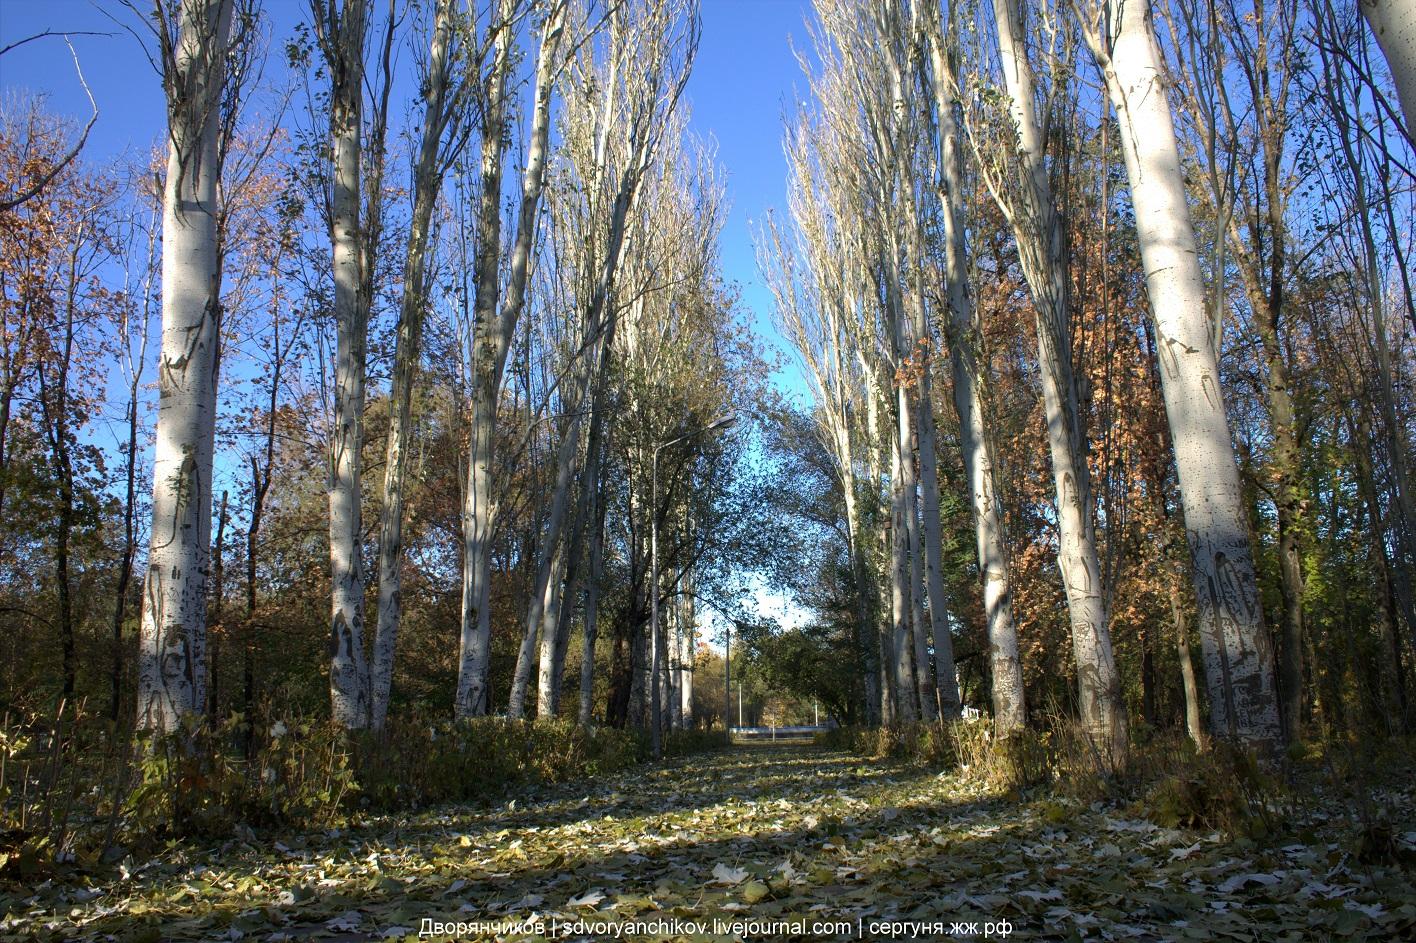 Опавшая зелёная листва - парк вгс - 25 октября 2016